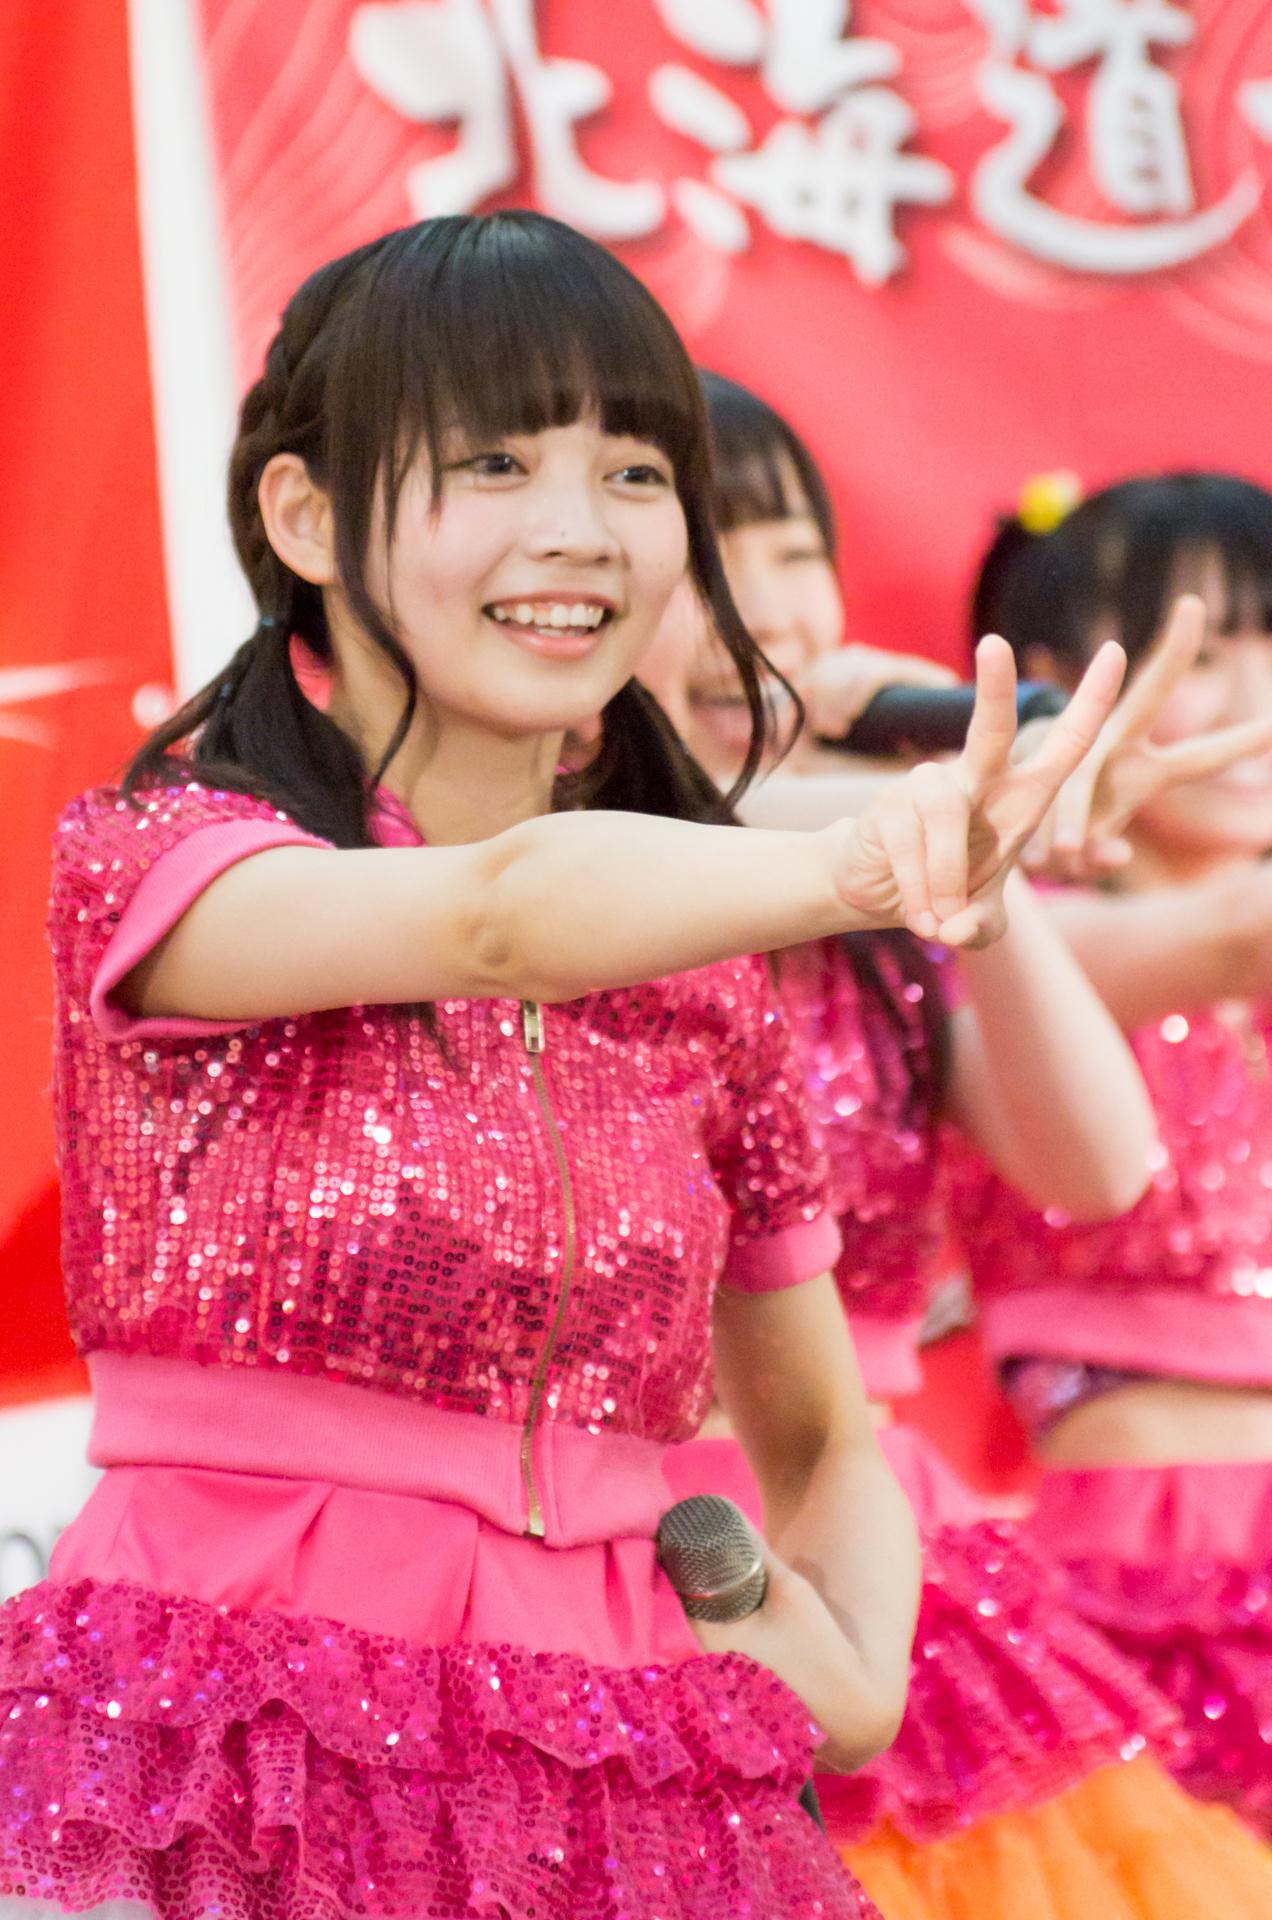 2代目Happy少女♪ ゆいな ( 宮崎ゆいな ) | アリオ札幌ライブプロマンスリーライブ